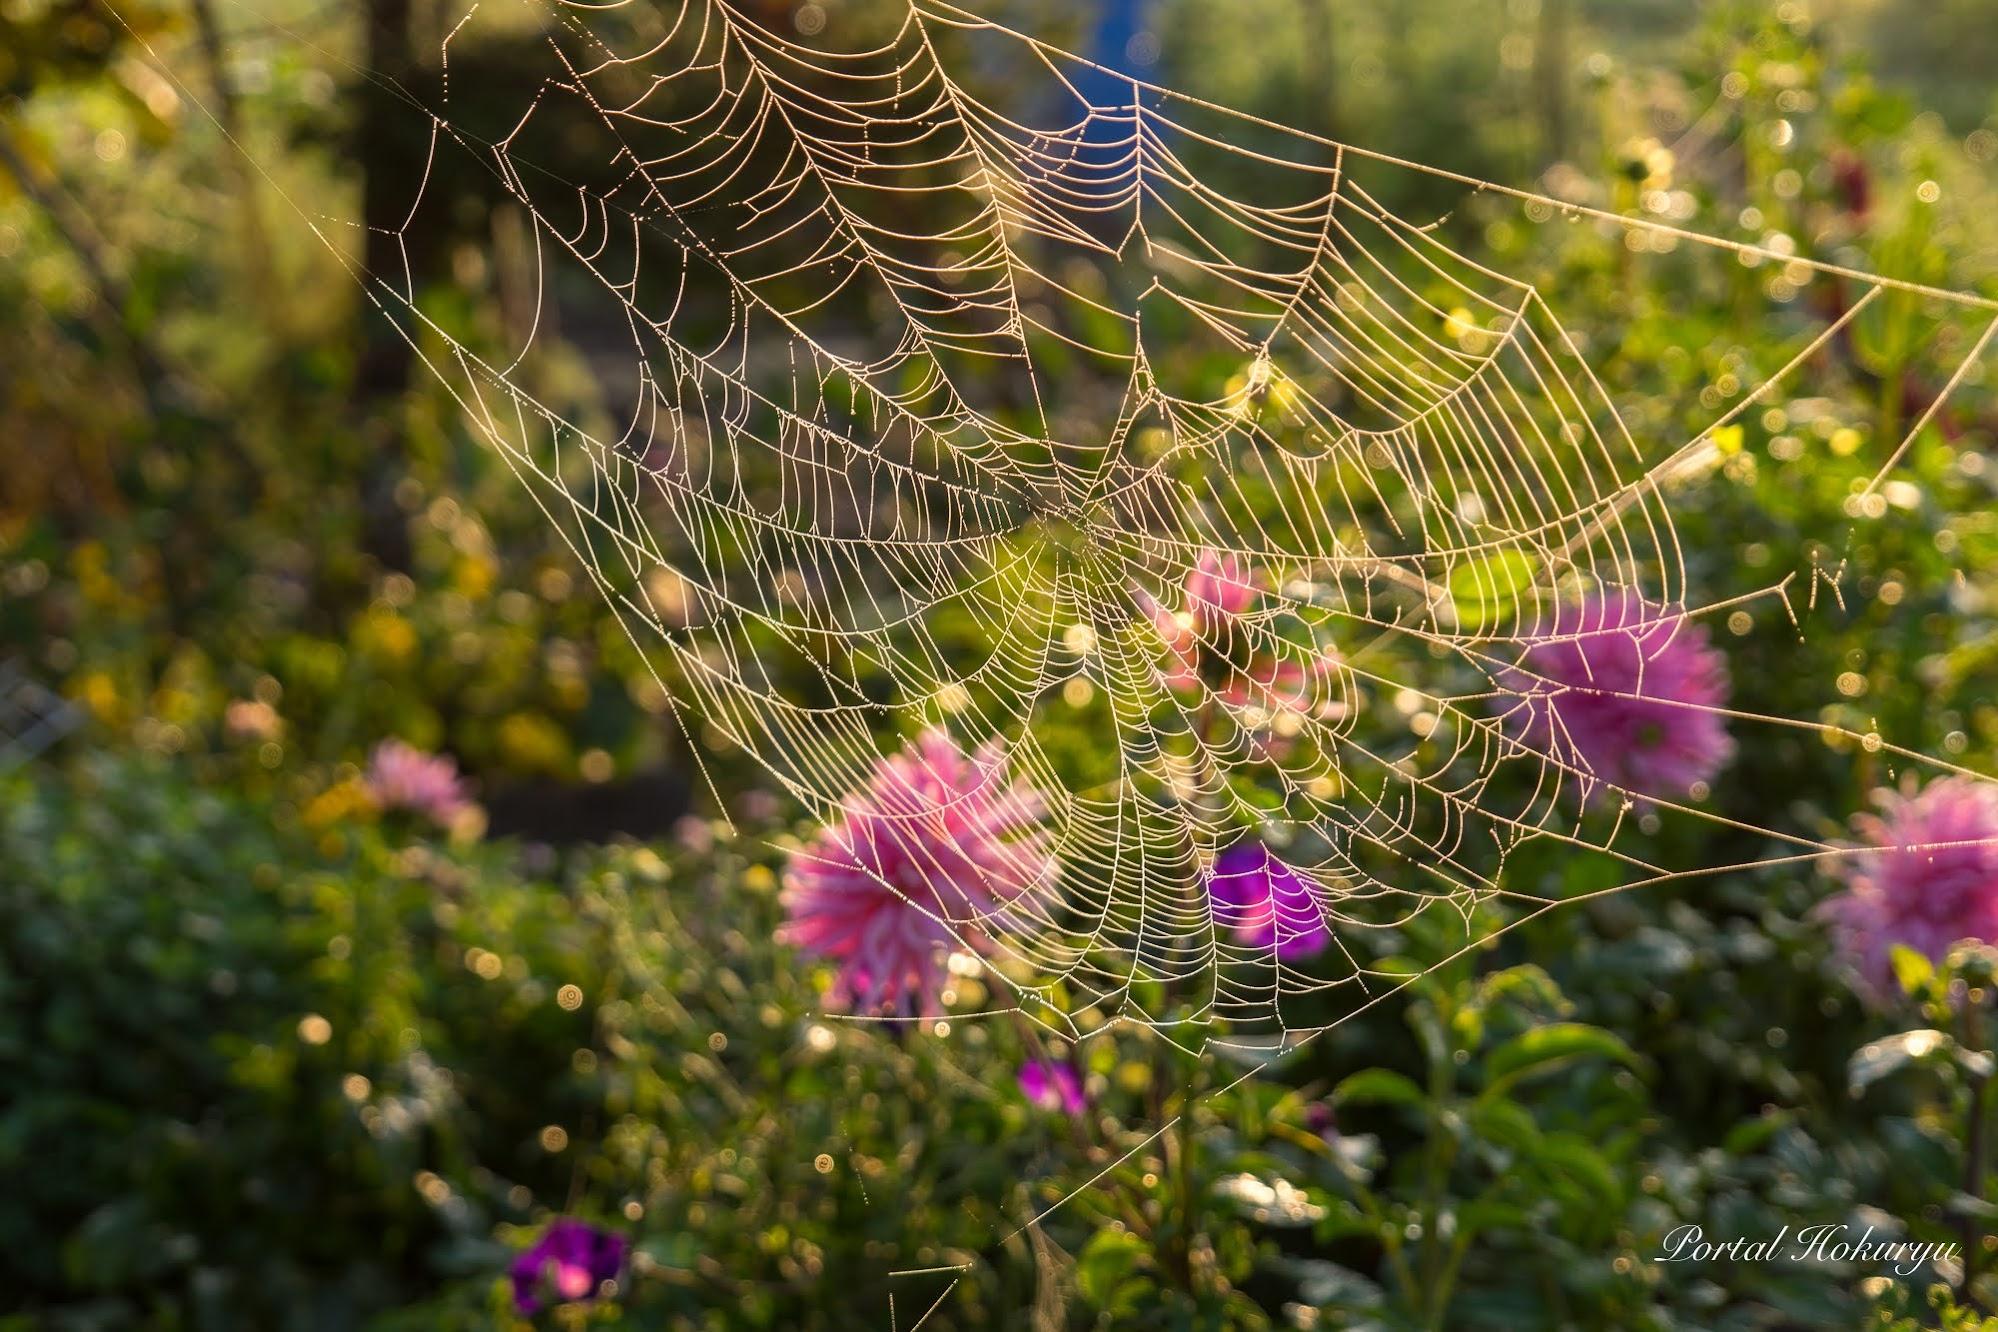 草花を飾るレースのように輝く蜘蛛の巣